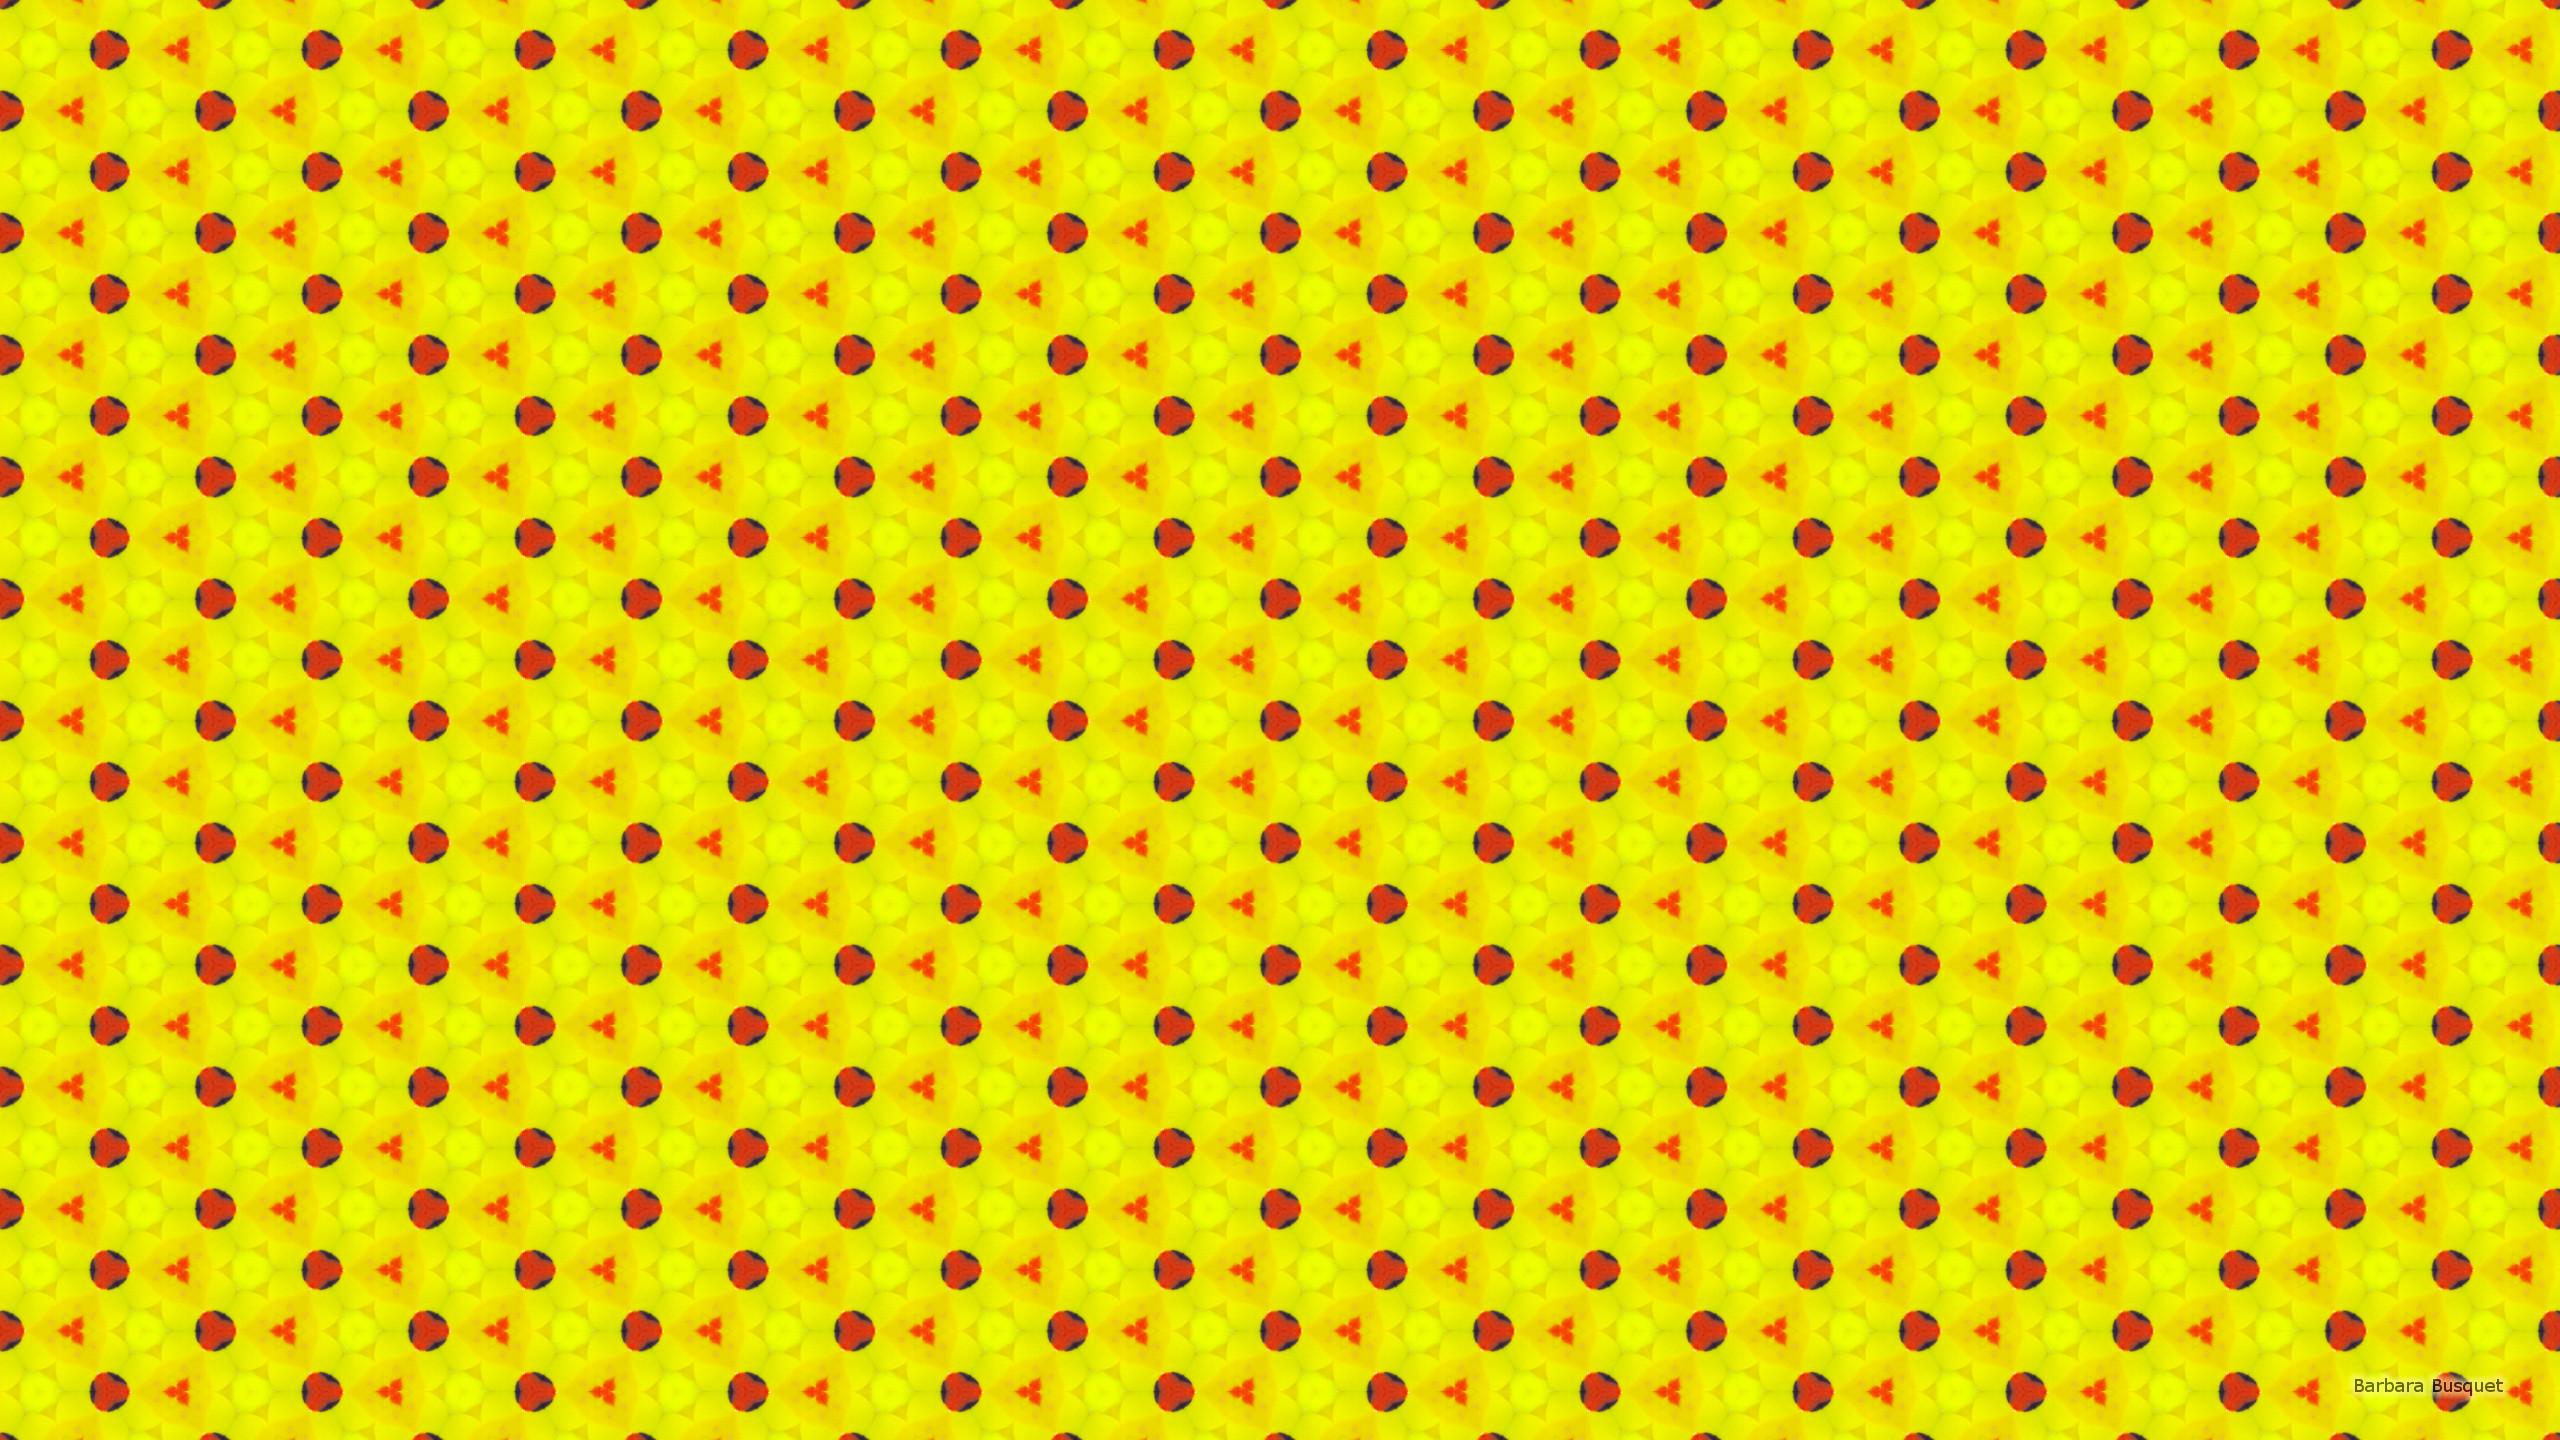 yellow pattern background - photo #14